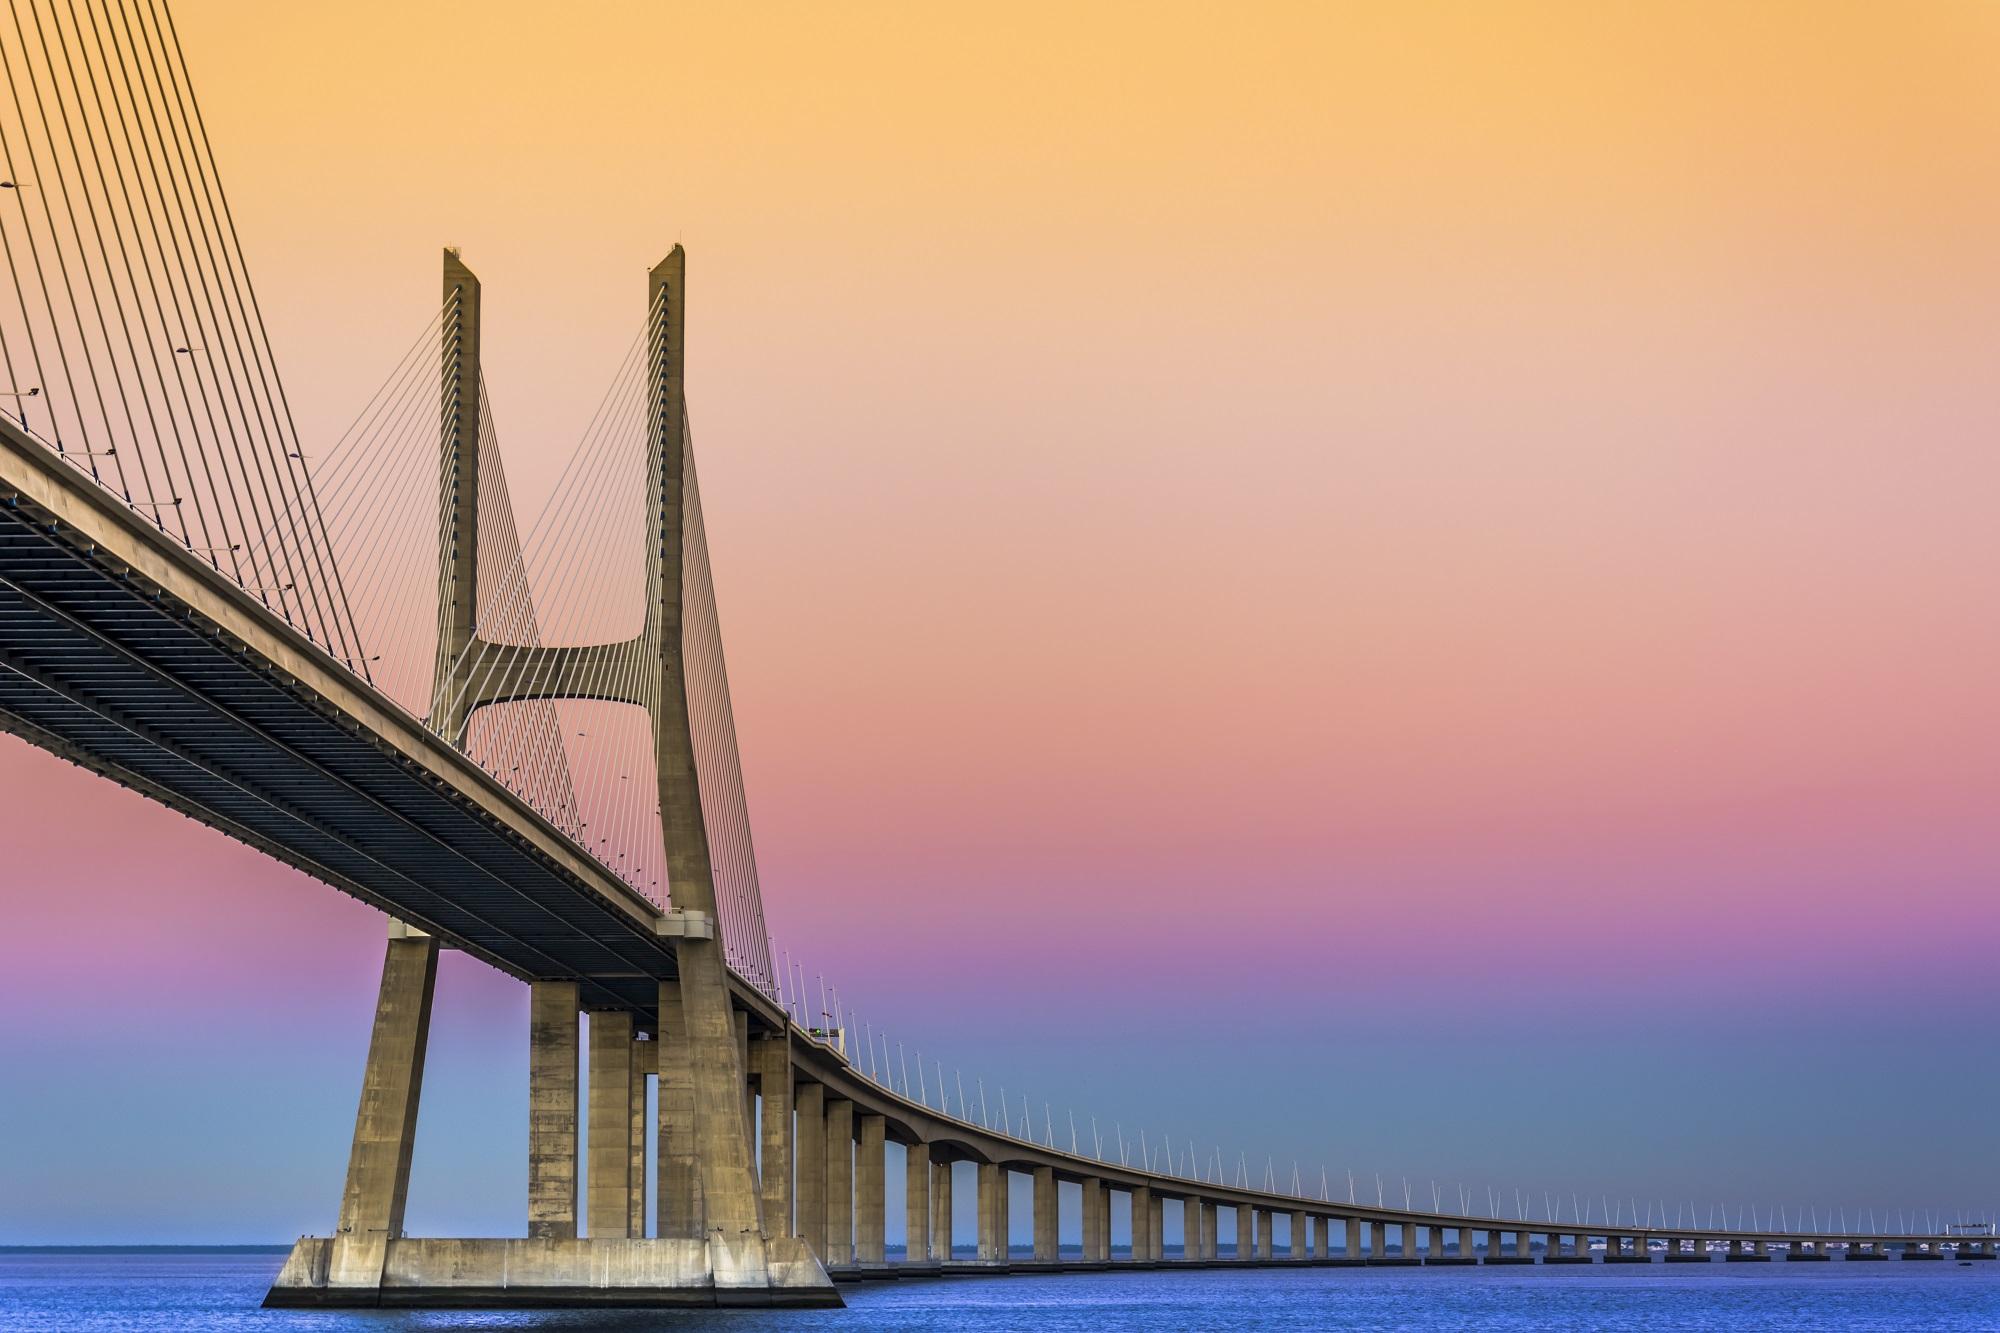 桥梁混凝土面板性能快速无损检测最新方法!